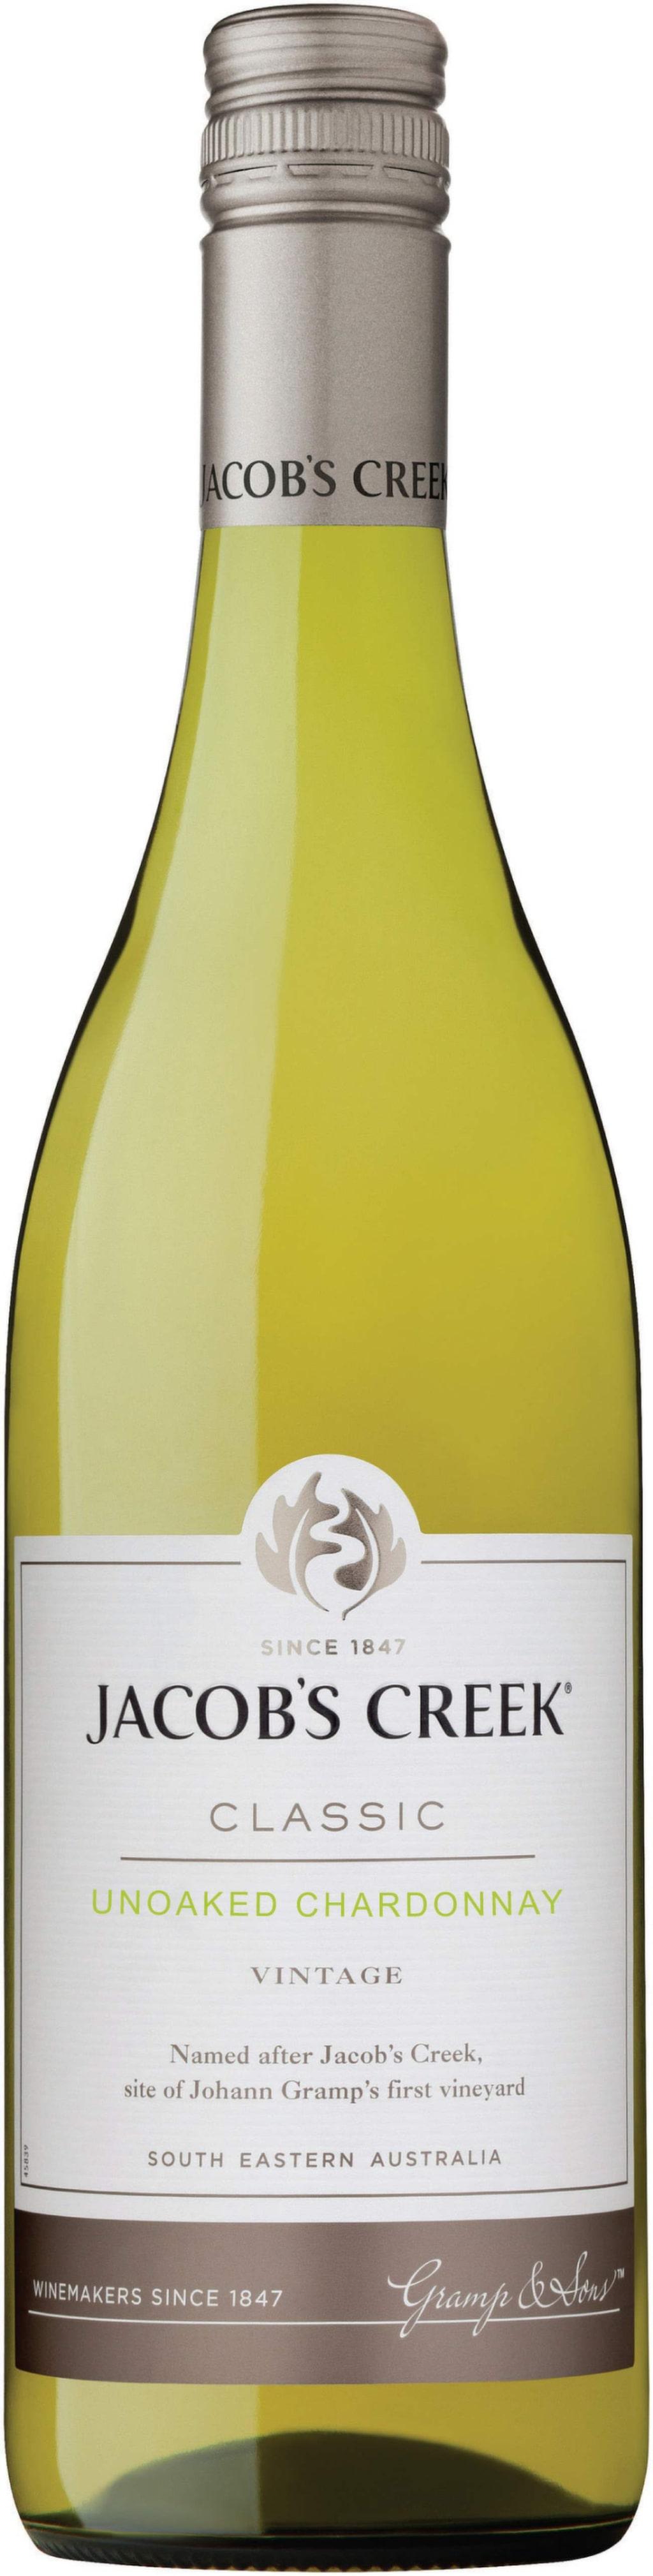 """<exp:icon type=""""wasp""""></exp:icon><exp:icon type=""""wasp""""></exp:icon><exp:icon type=""""wasp""""></exp:icon><br>Vitt<br><strong>Jacob's Creek Unoaked Chardonnay 2014 (6473) Australien, 71 kr</strong><br>Trevligt med drag av krispiga äpplen och en frisk fruktsyra. Passar till exempelvis en klassisk ostfondue."""